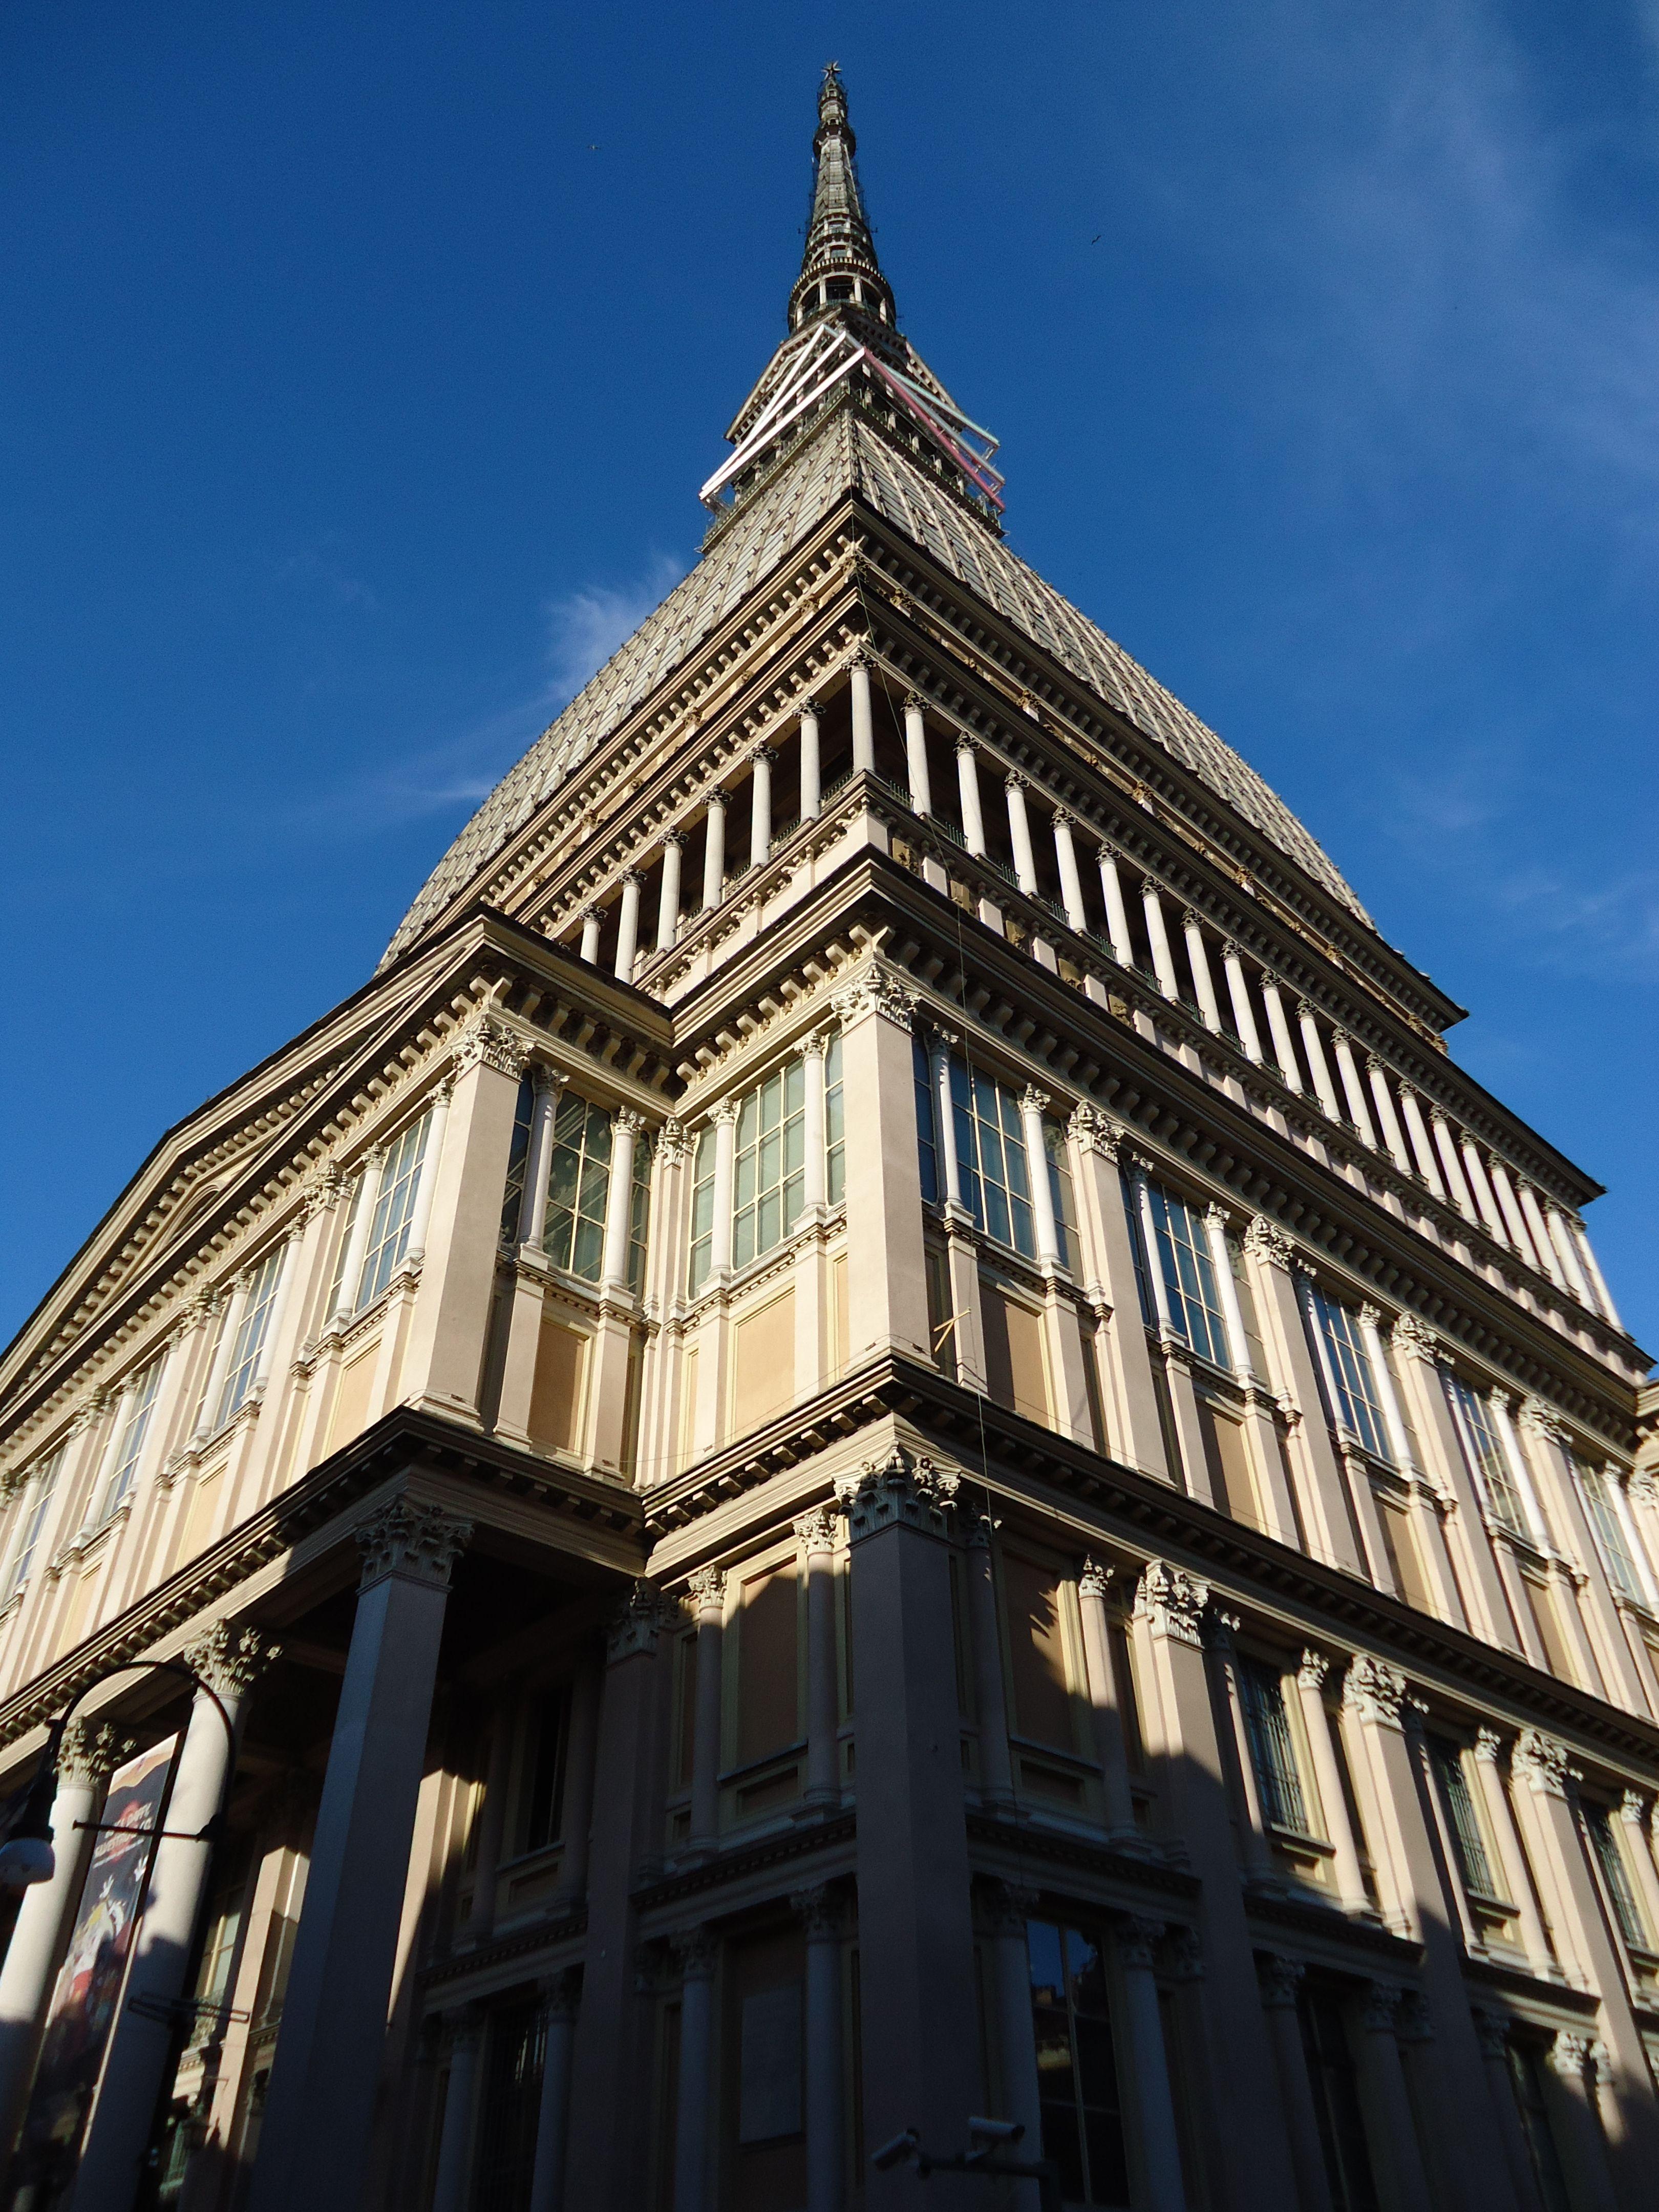 La Mole Turin Italy S Landmark Italy Bucket List Turin Italy Italy